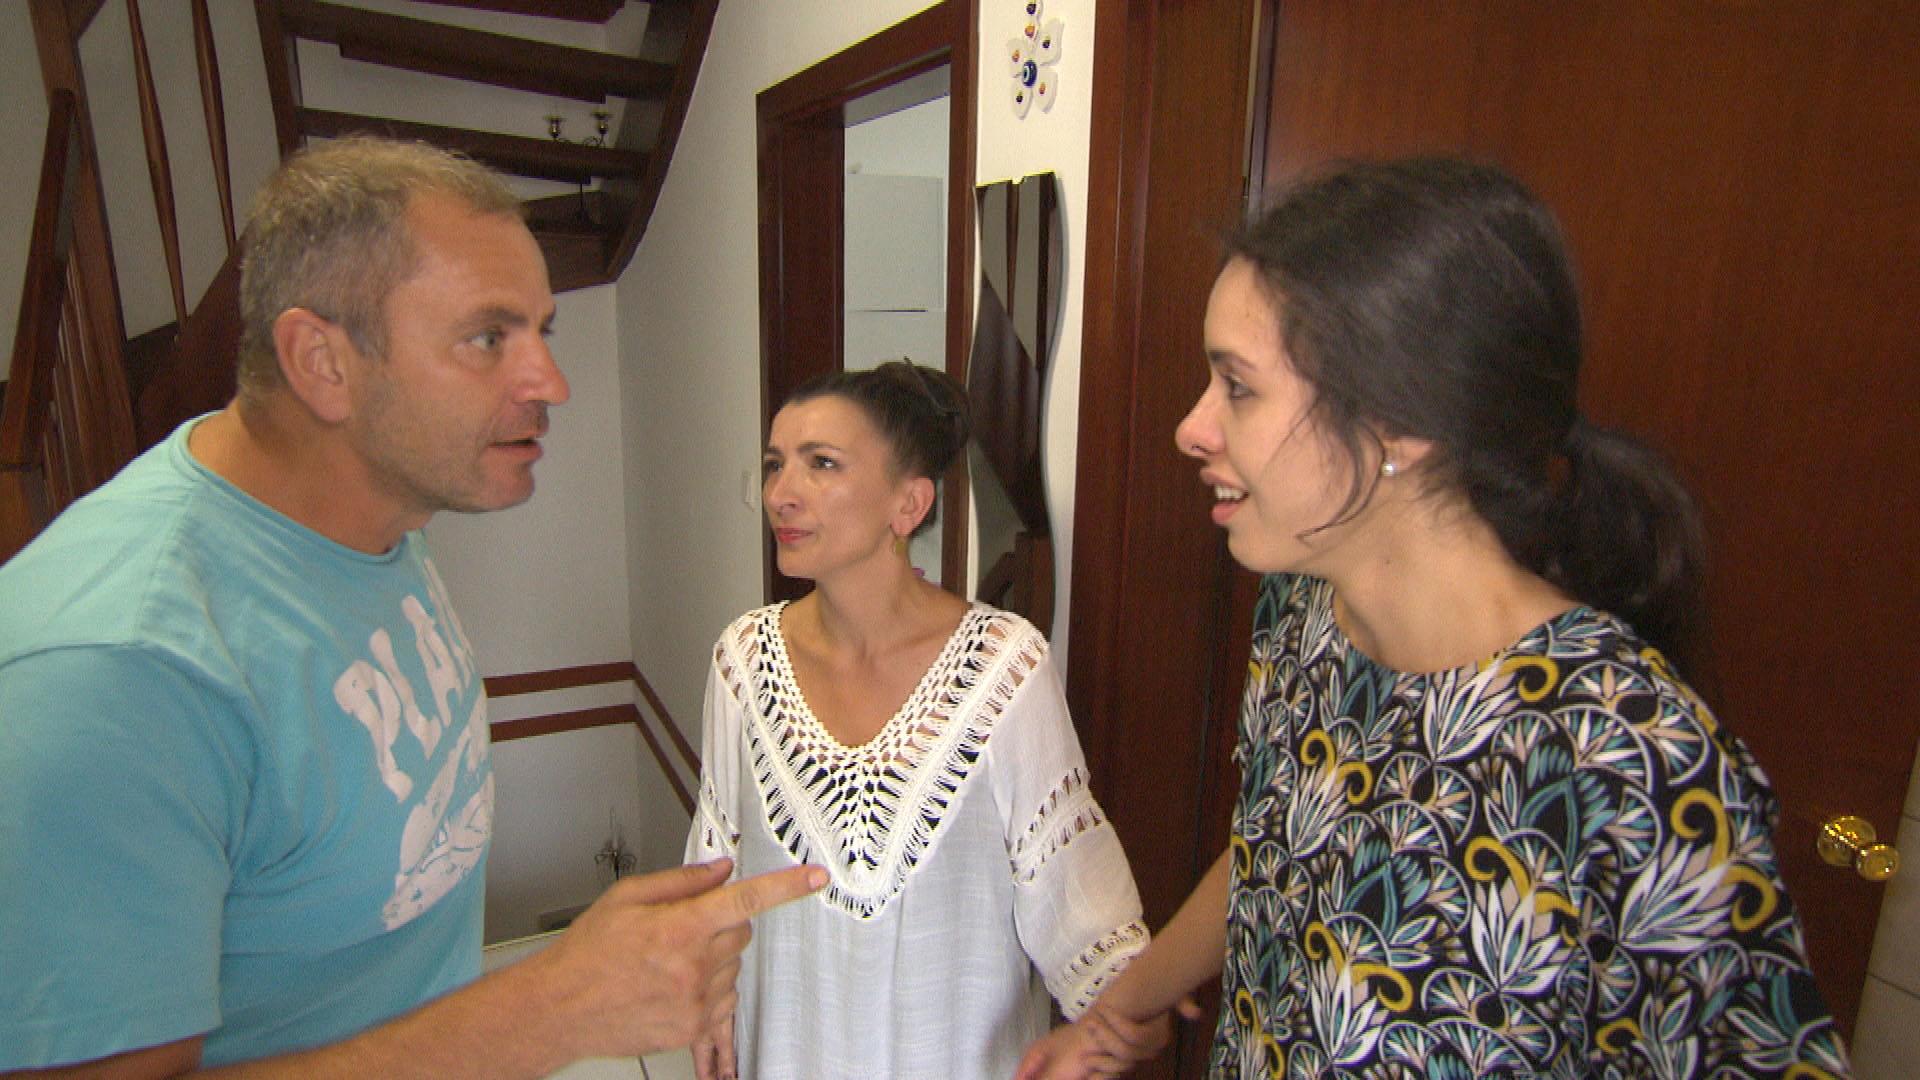 v.l.n.r.: Nihat, Hülya, Elif (Quelle: RTL 2)